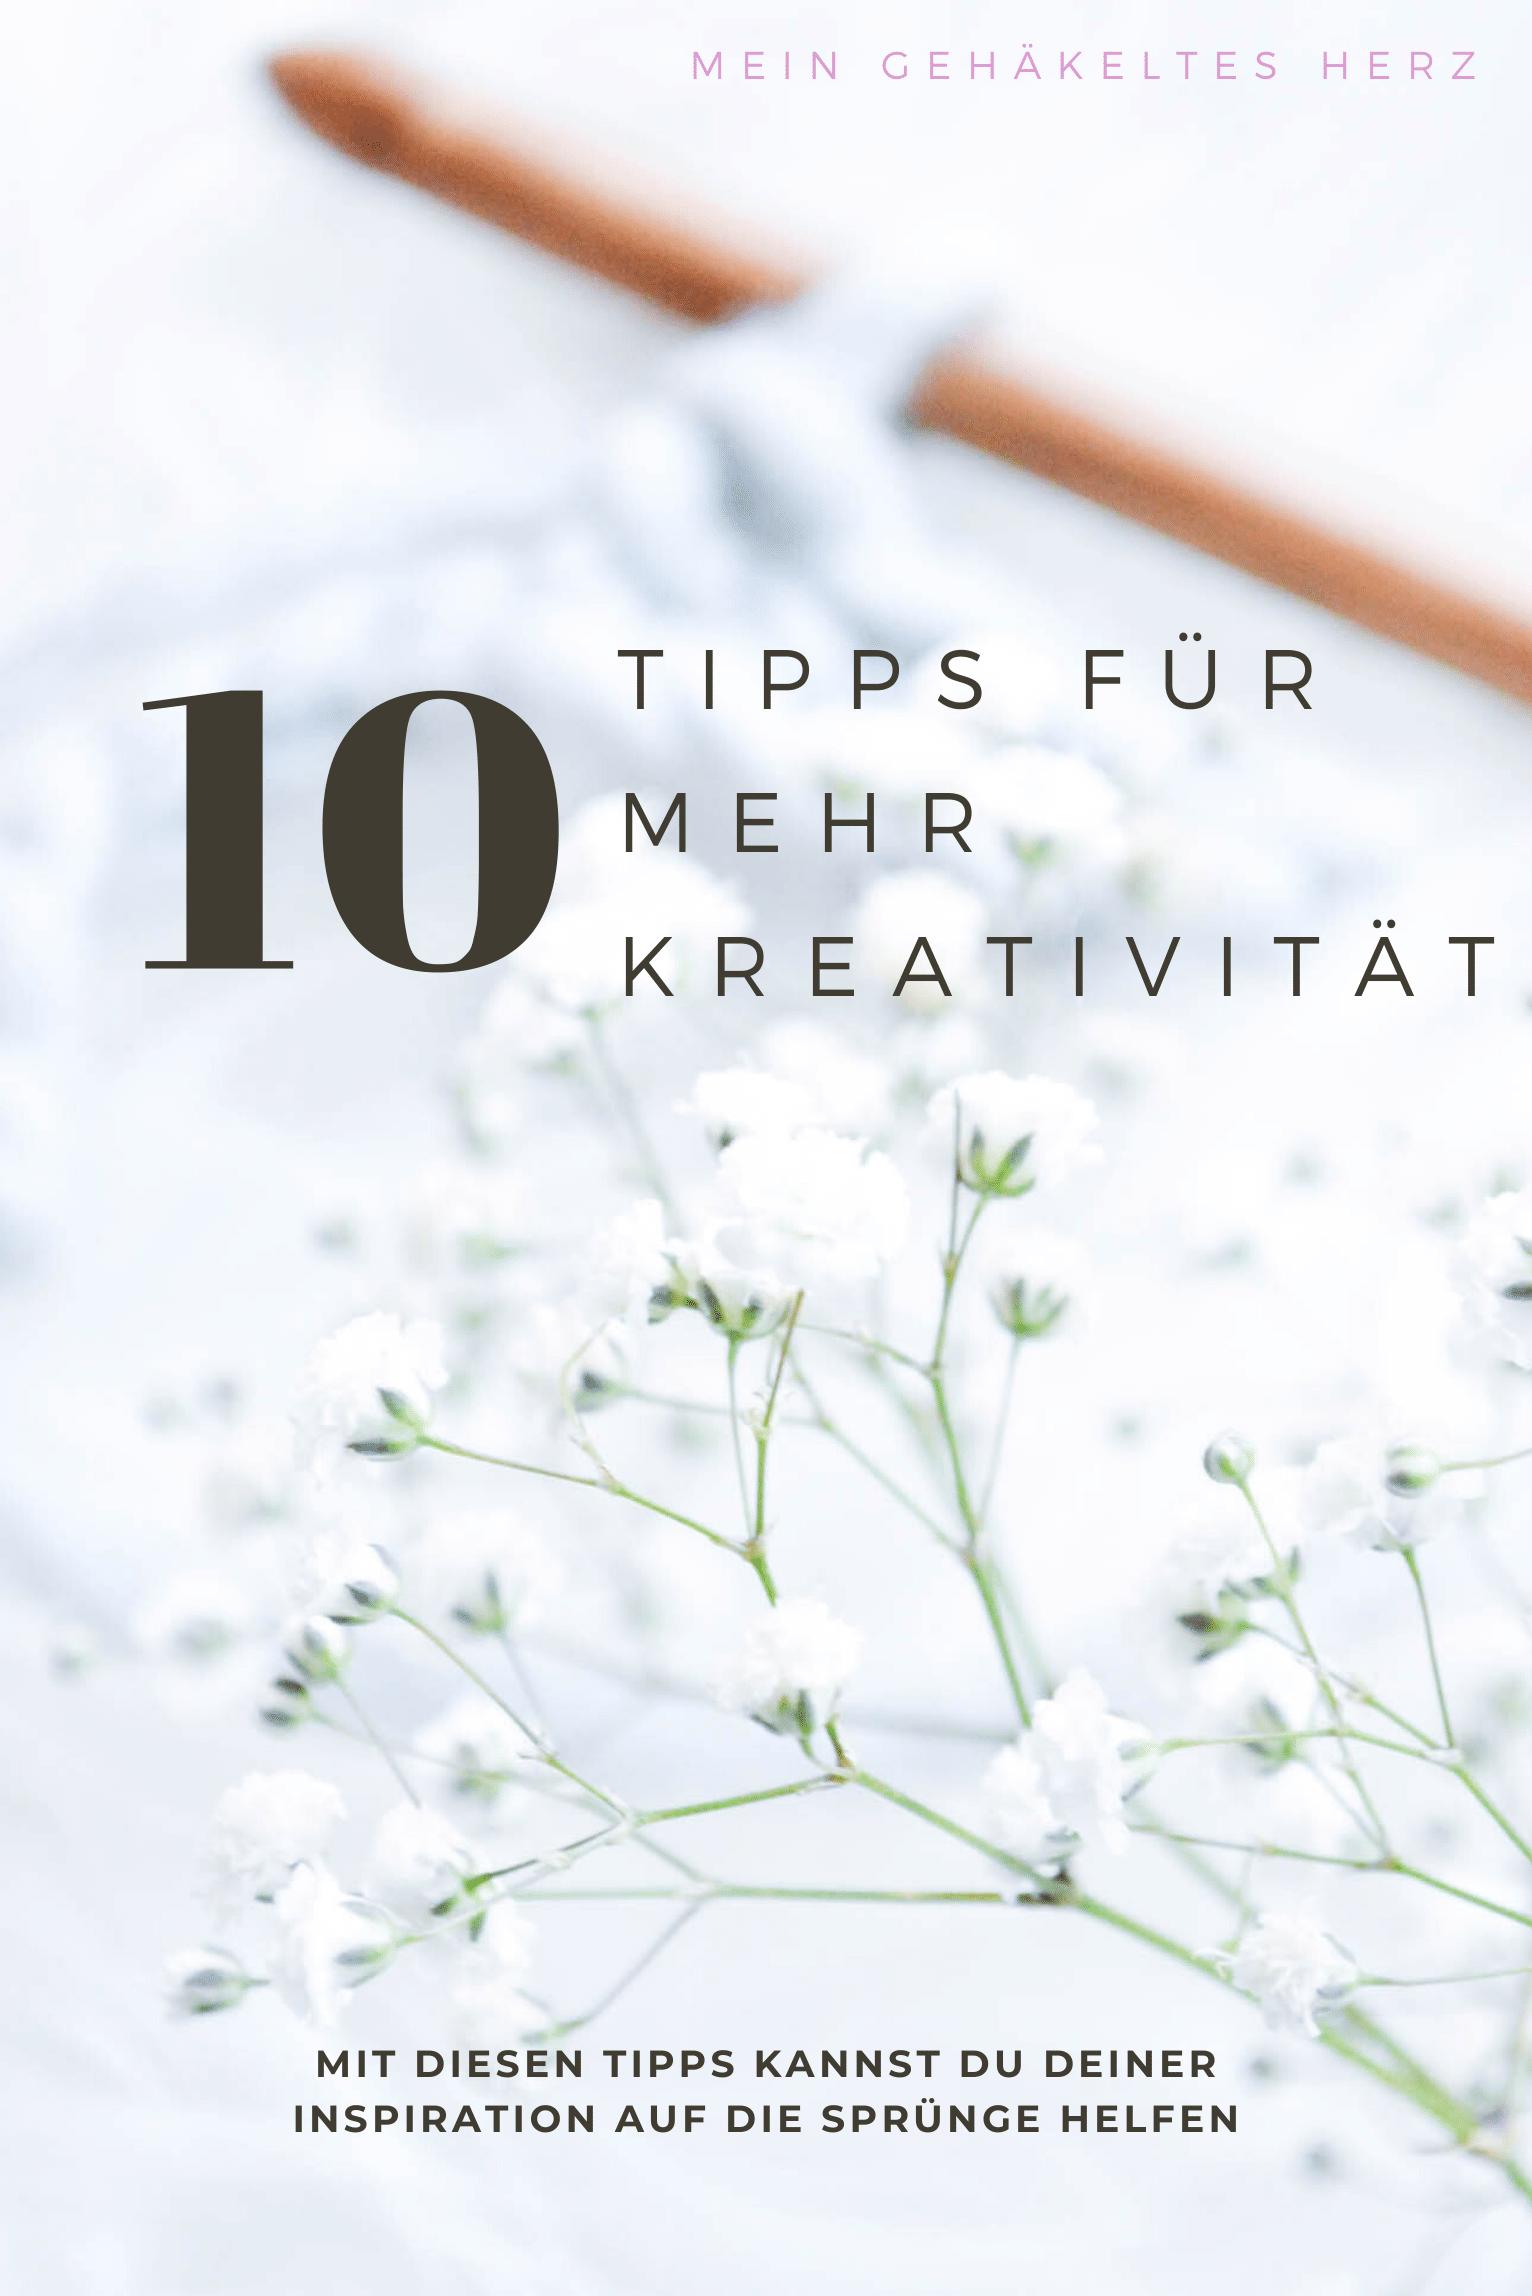 10 Tipps gegen das Kreativitätstief